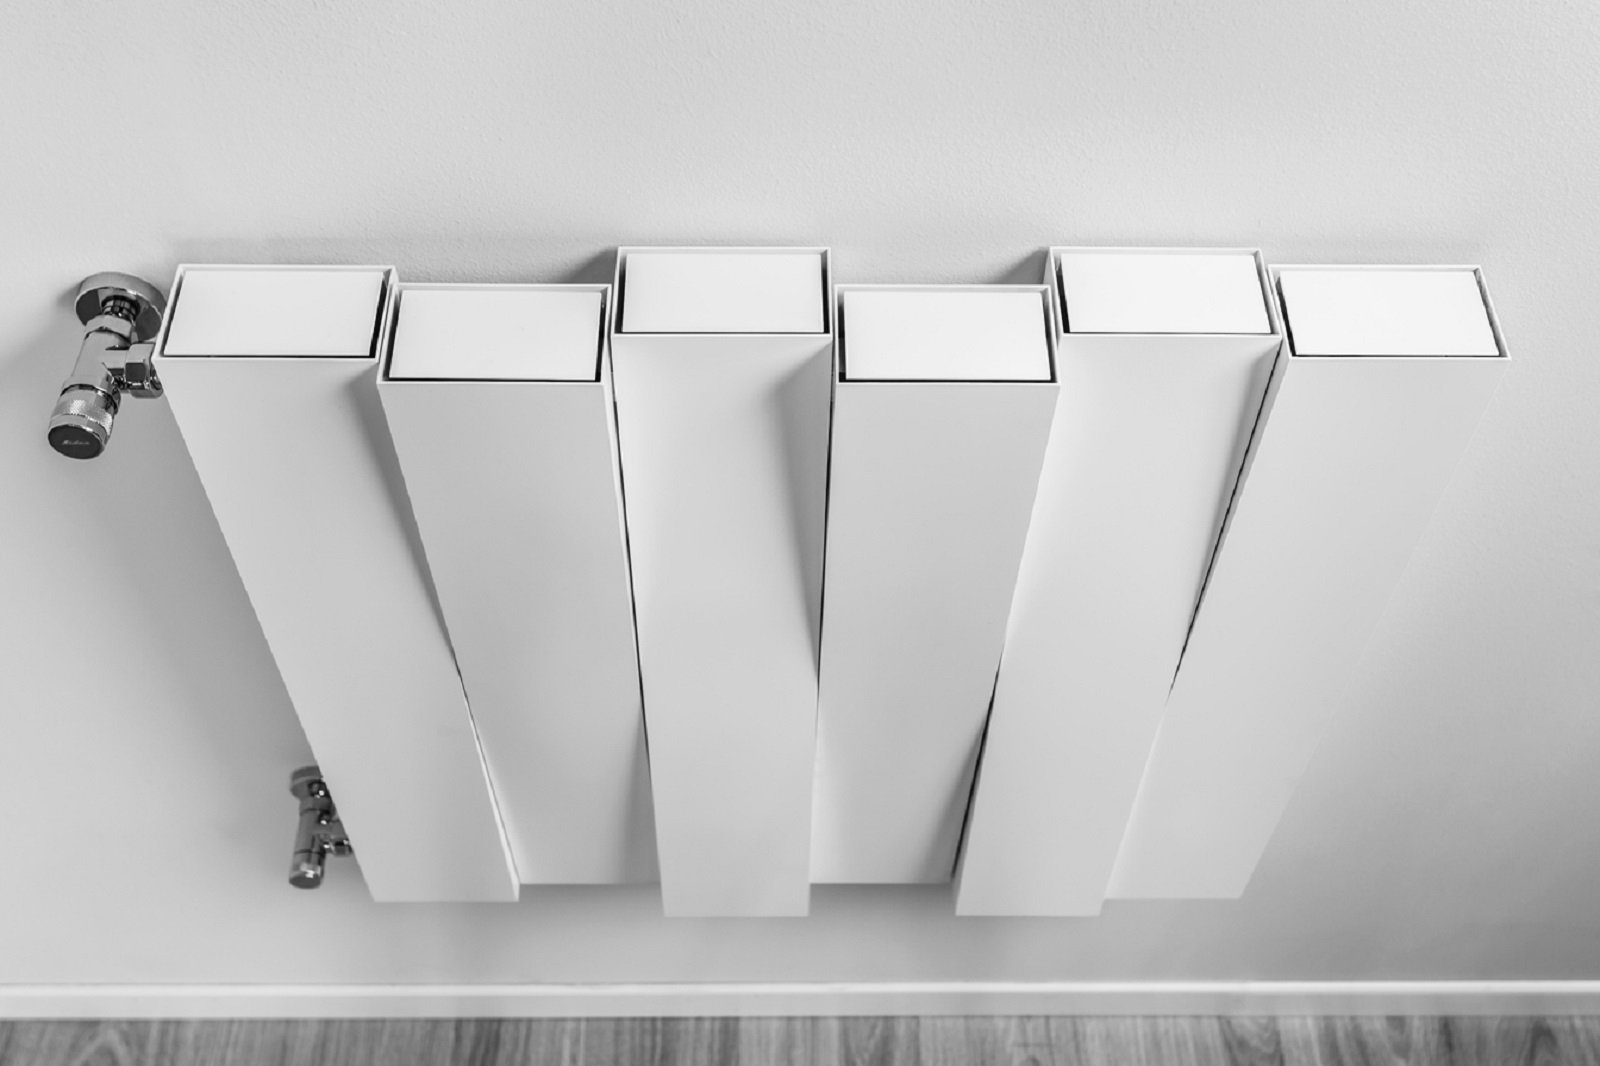 I nuovi modelli sostituiscono i vecchi radiatori sottofinestra